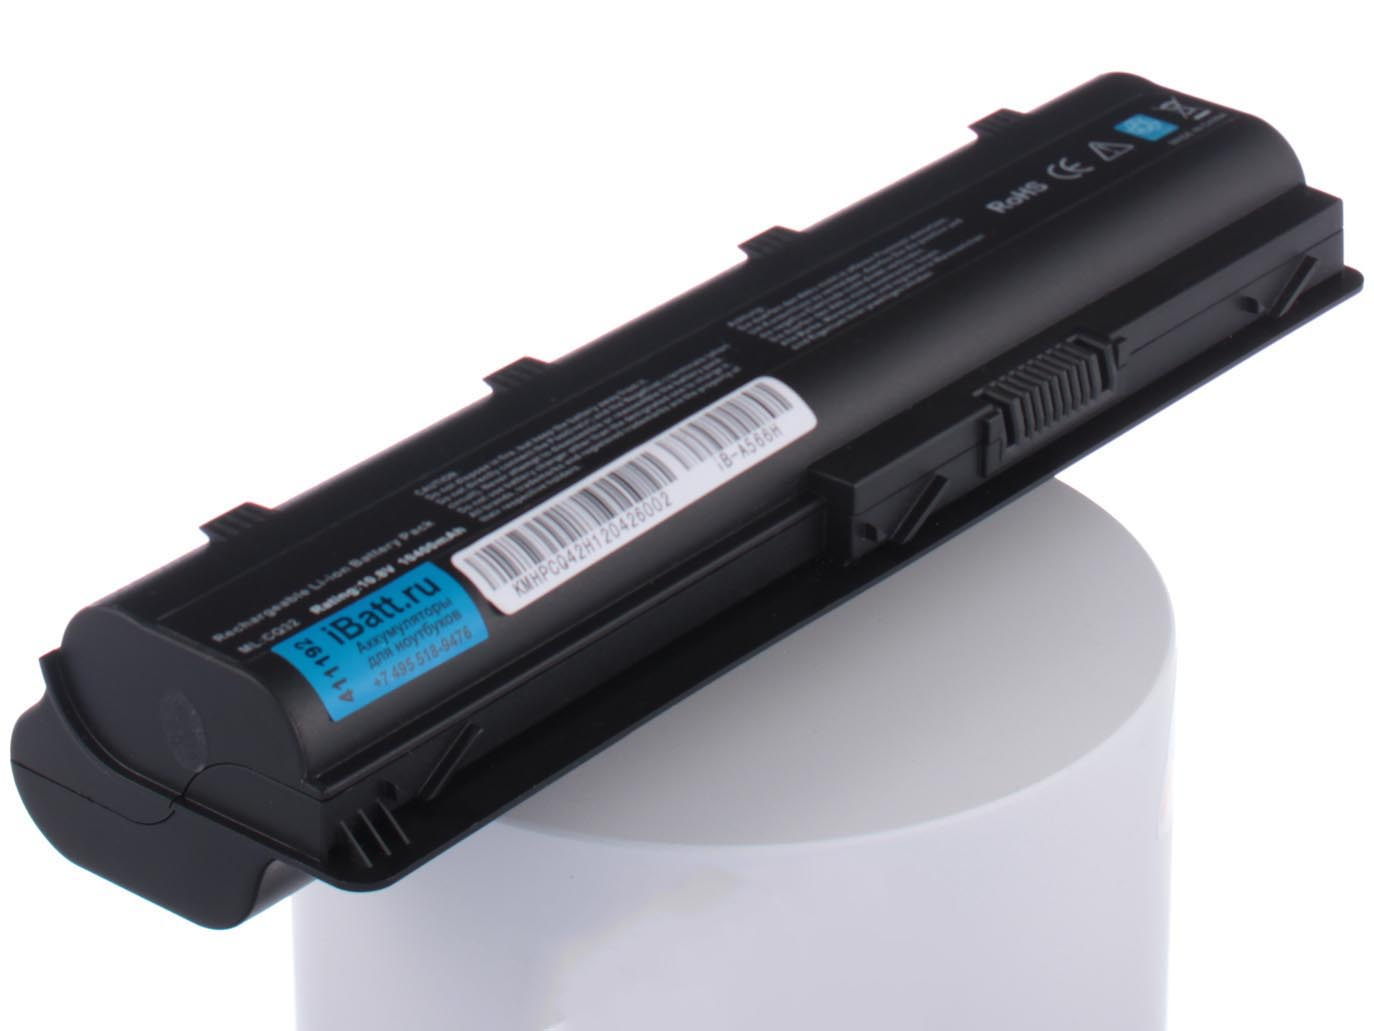 Аккумулятор для ноутбука iBatt для HP-Compaq Pavilion g6-2256sr, Pavilion g6-2260sr, Pavilion g7-2310er, 2000-2d57SR, Pavilion dv6-3015sr, Pavilion dv6-3035er, Pavilion dv6-3064er, Pavilion dv6-6b01sr, Pavilion dv6-6b52er 571188 001 for hp pavilion dv6 2000 dv6z 2000 notebook dv6 laptop motherboard daut1amb6e0 daut1amb6e1 m92 512mb fully tested